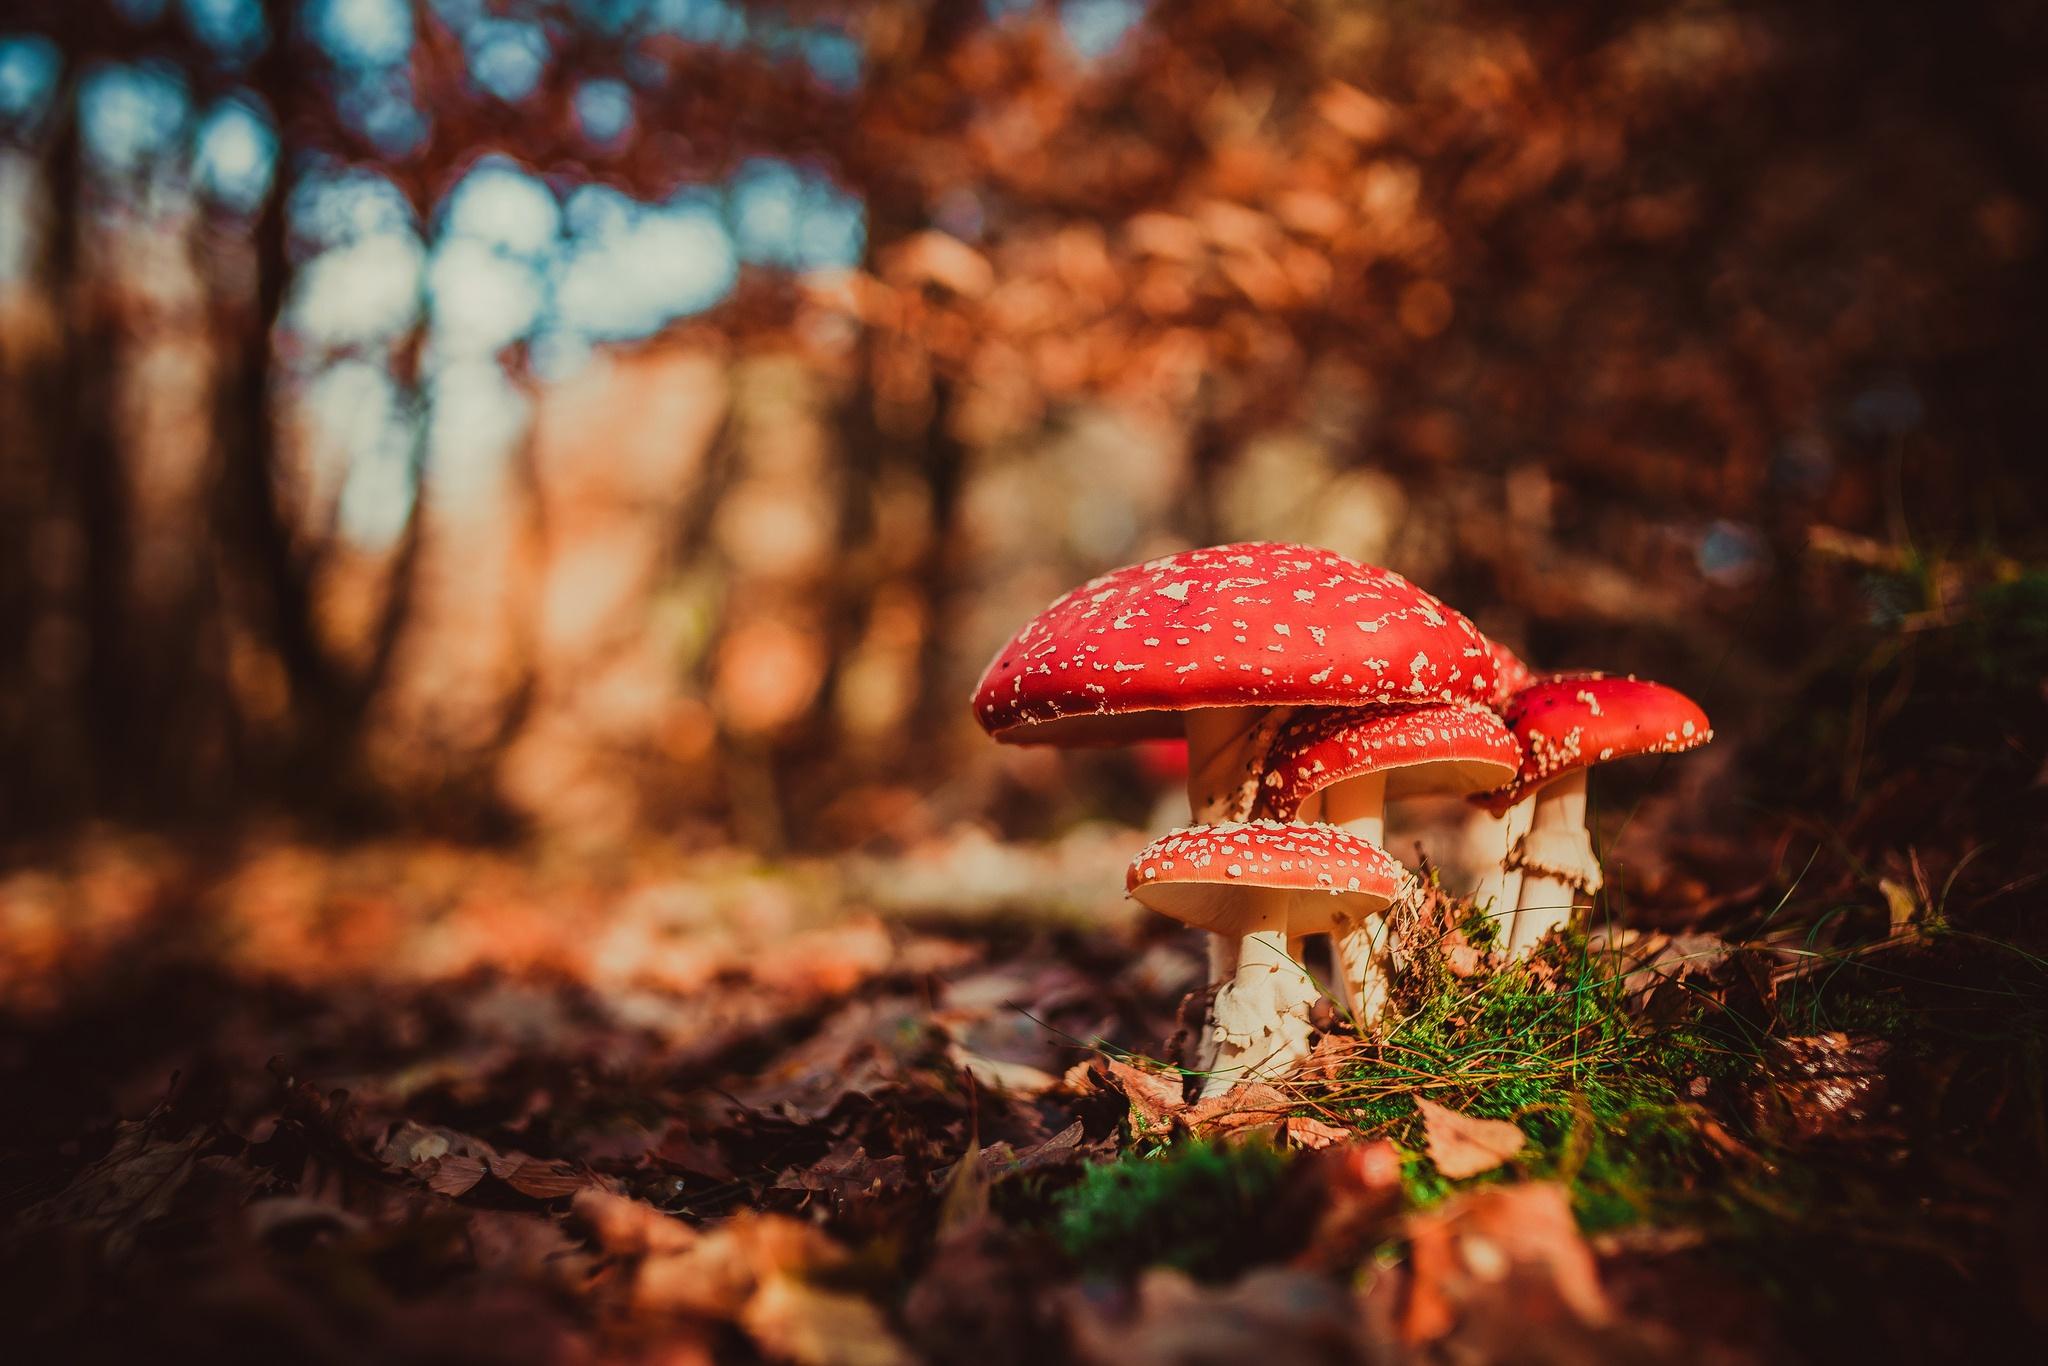 ангел черт картинки на рабочий стол лес осень грибы задачей